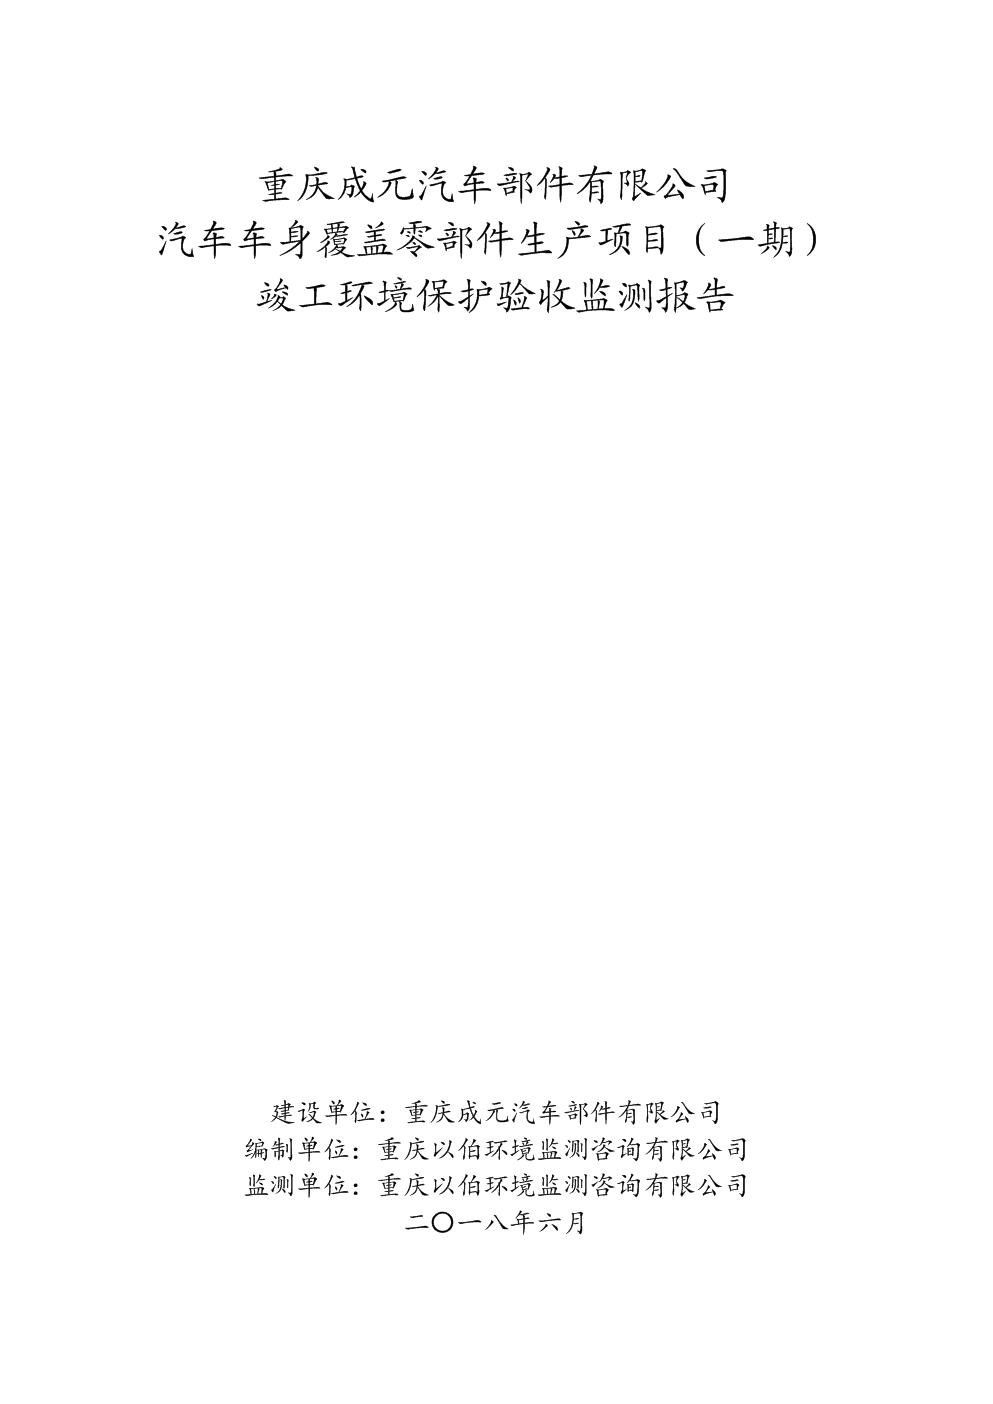 重庆成元汽车部件有限公司汽车车身覆盖零部件生产项目(一期)竣工环境保护验收监测报告.doc